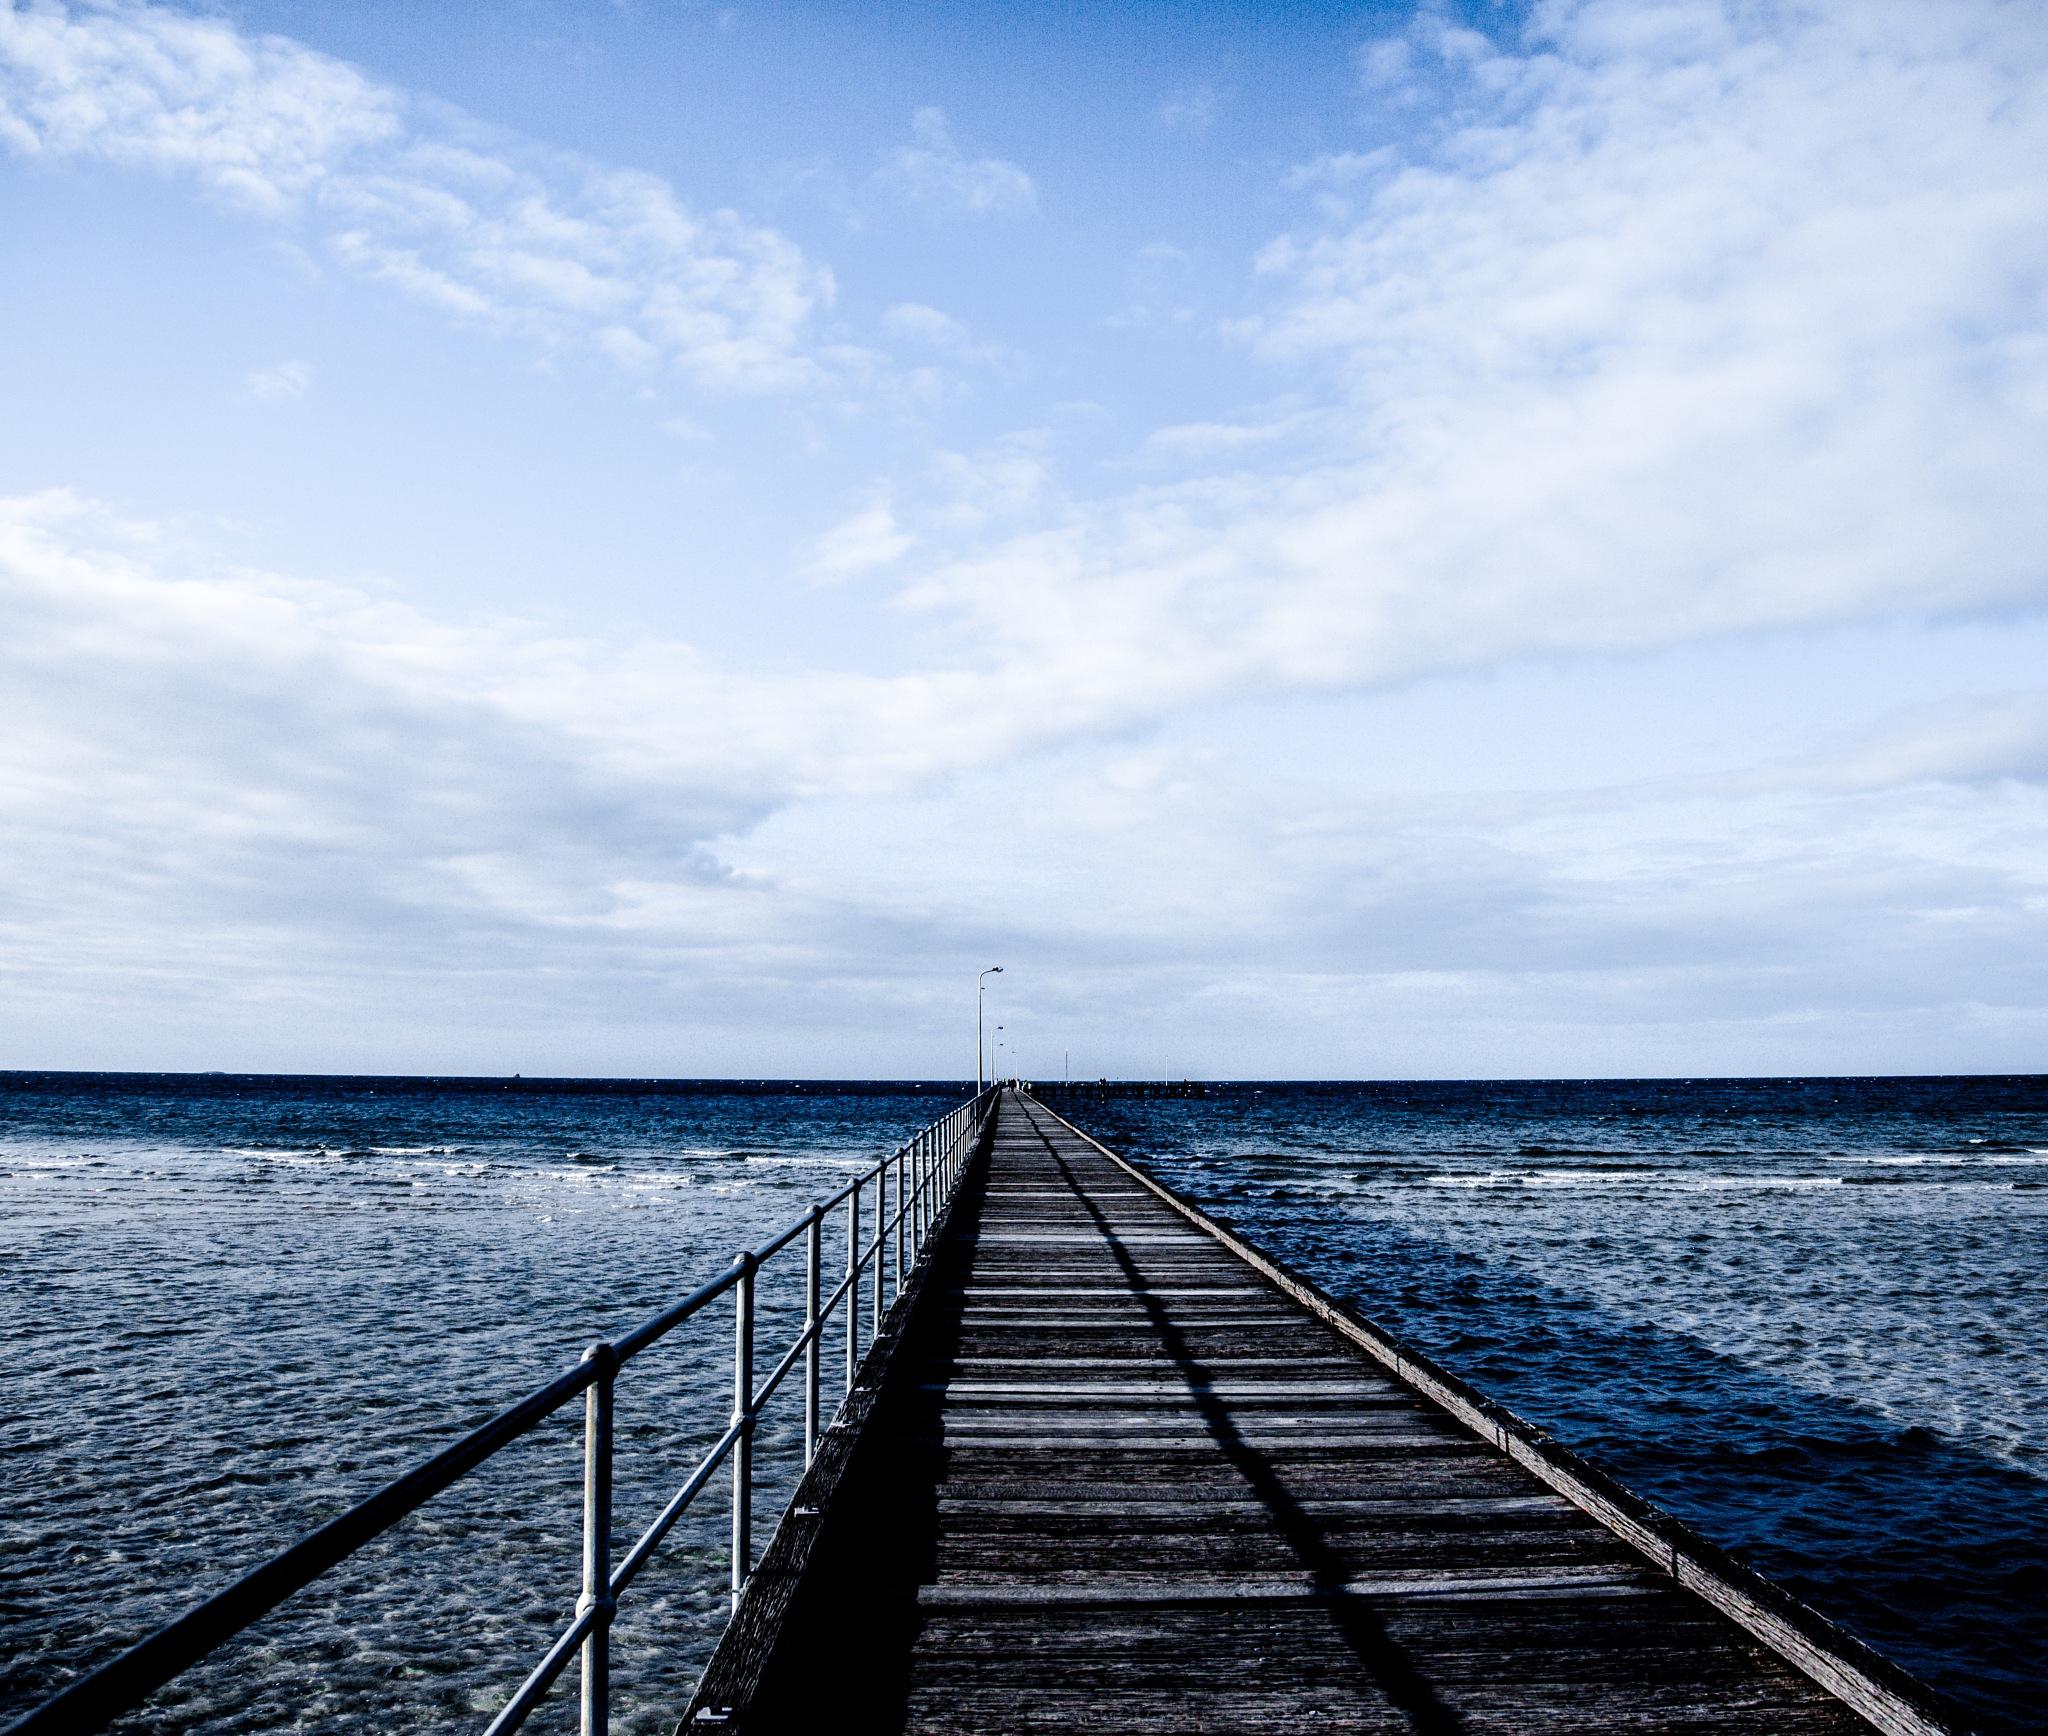 Oceans Blue by Sheehan Yu